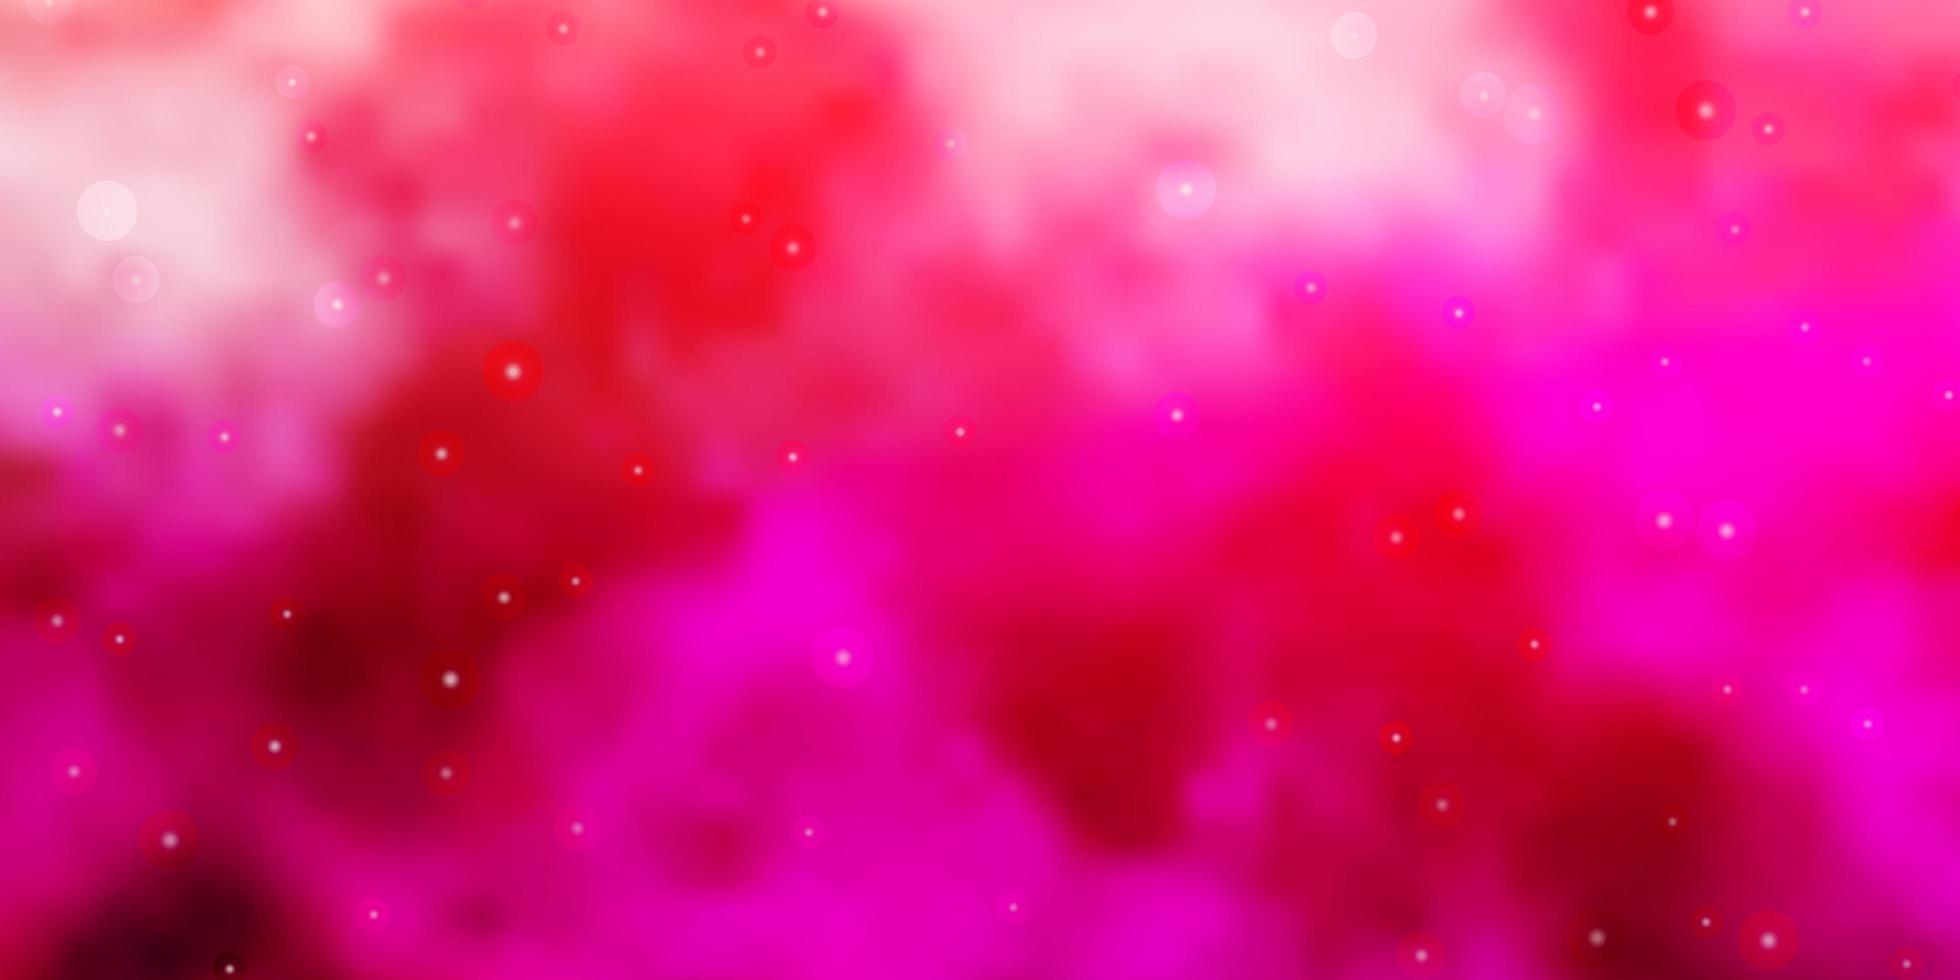 lichtroze vectortextuur met prachtige sterren. vector